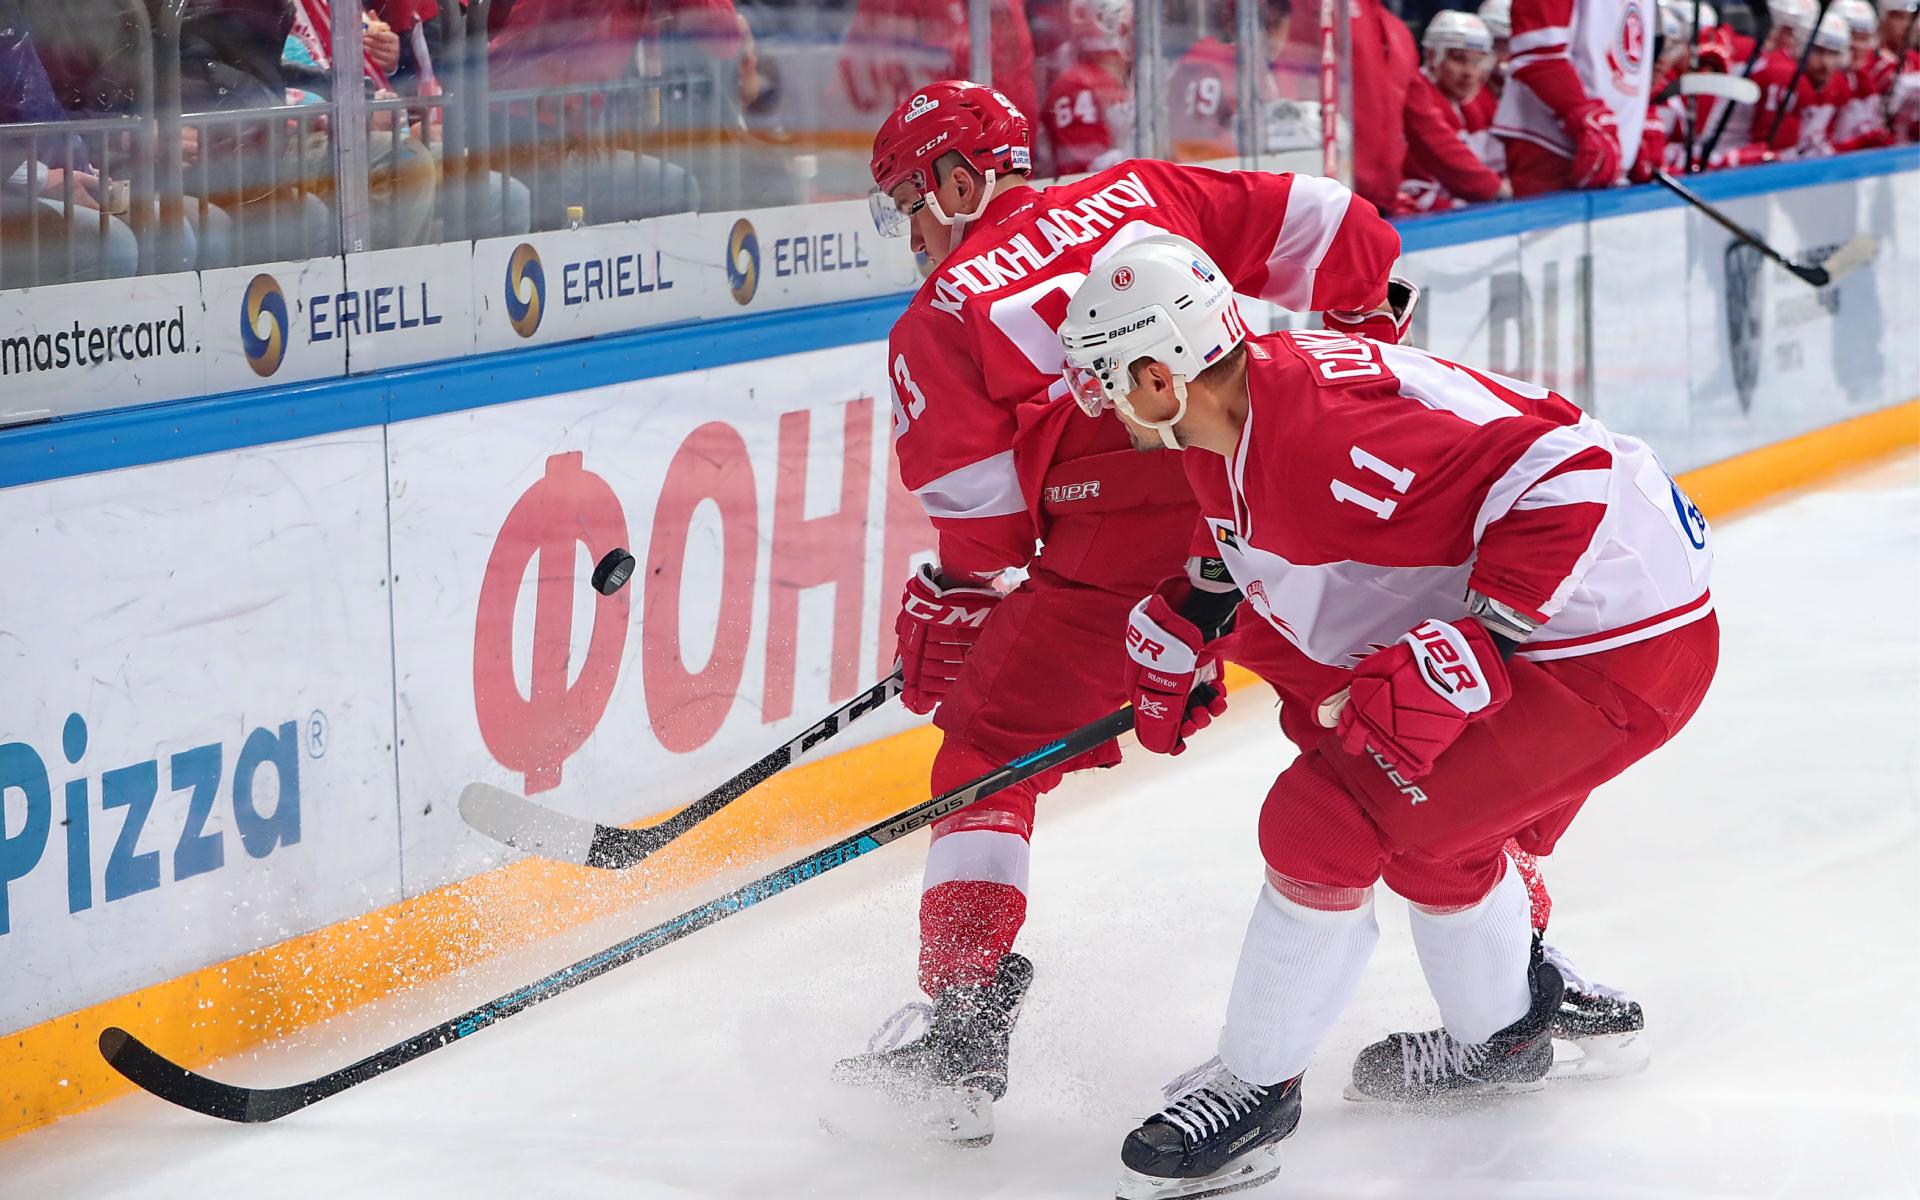 Хоккеист Александр Хохлачев дебютировал за «Спартак» в 2012 году, впериод работы в клубе своего отца в клубе